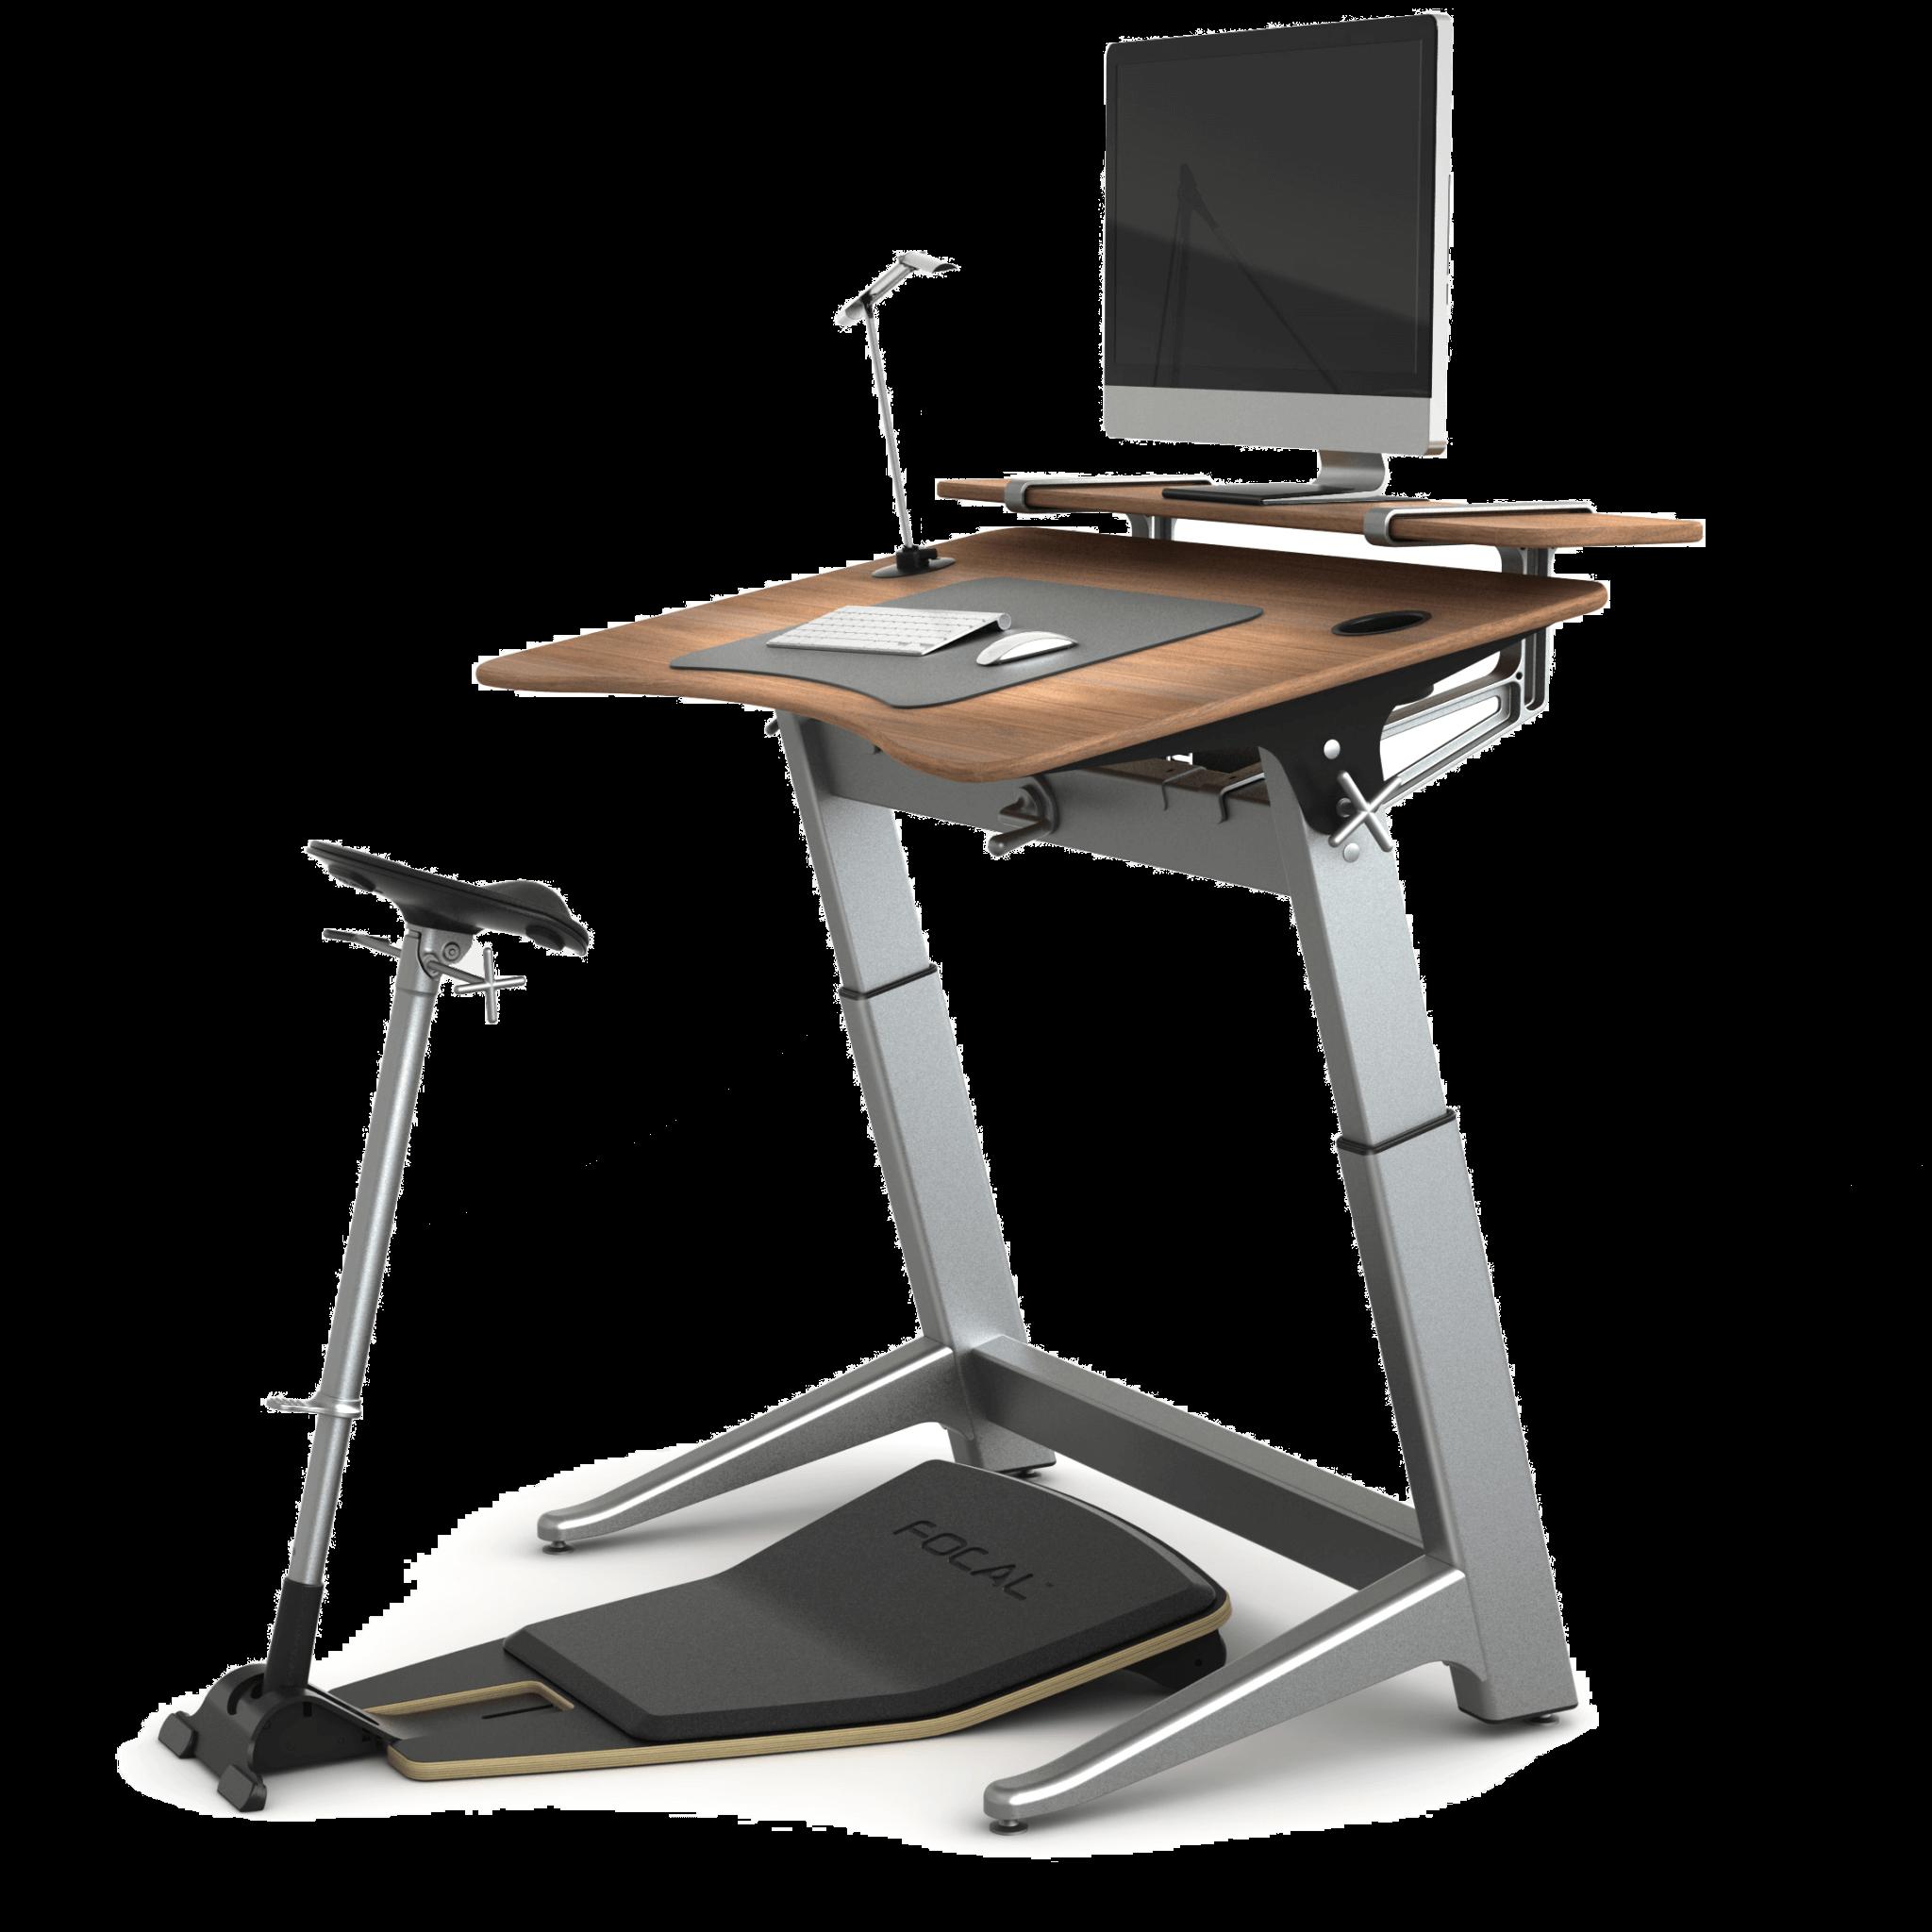 focal Sphere workstation best standing desk